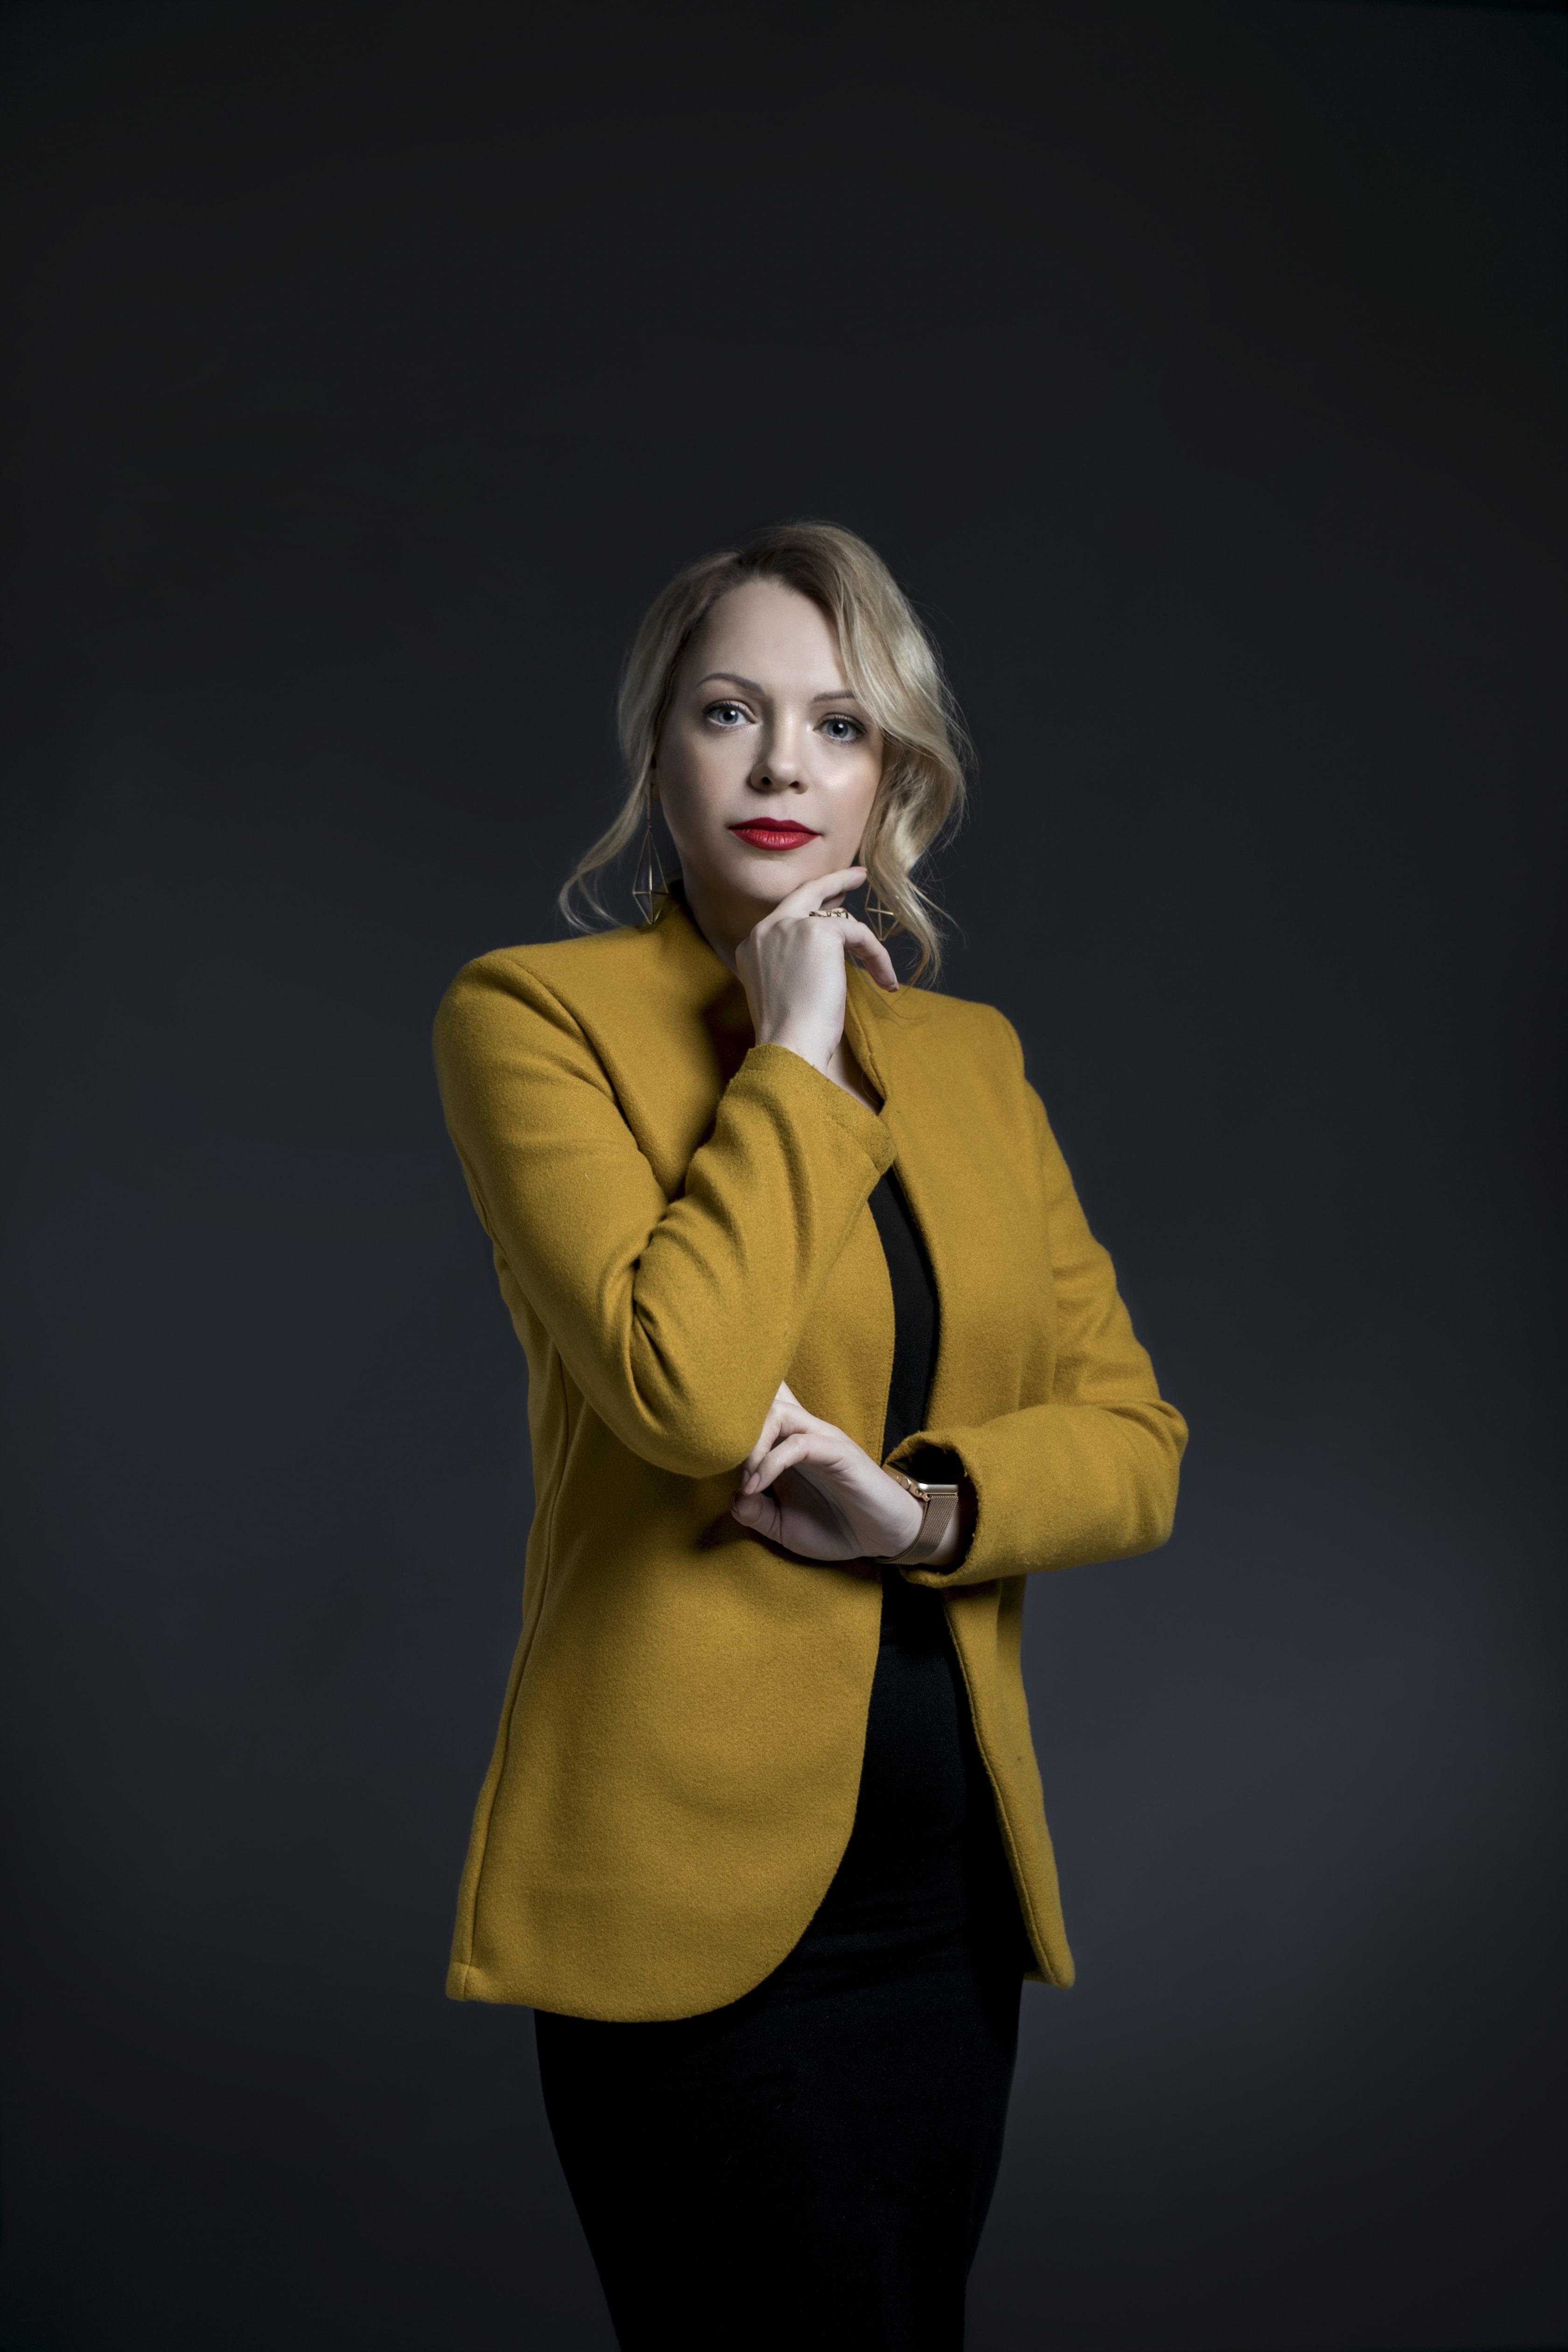 """Надежда Омельченко: """"Женщина, работающая в IT-сфере, еще воспринимается больше как исключение, чем правило""""-Фото 2"""